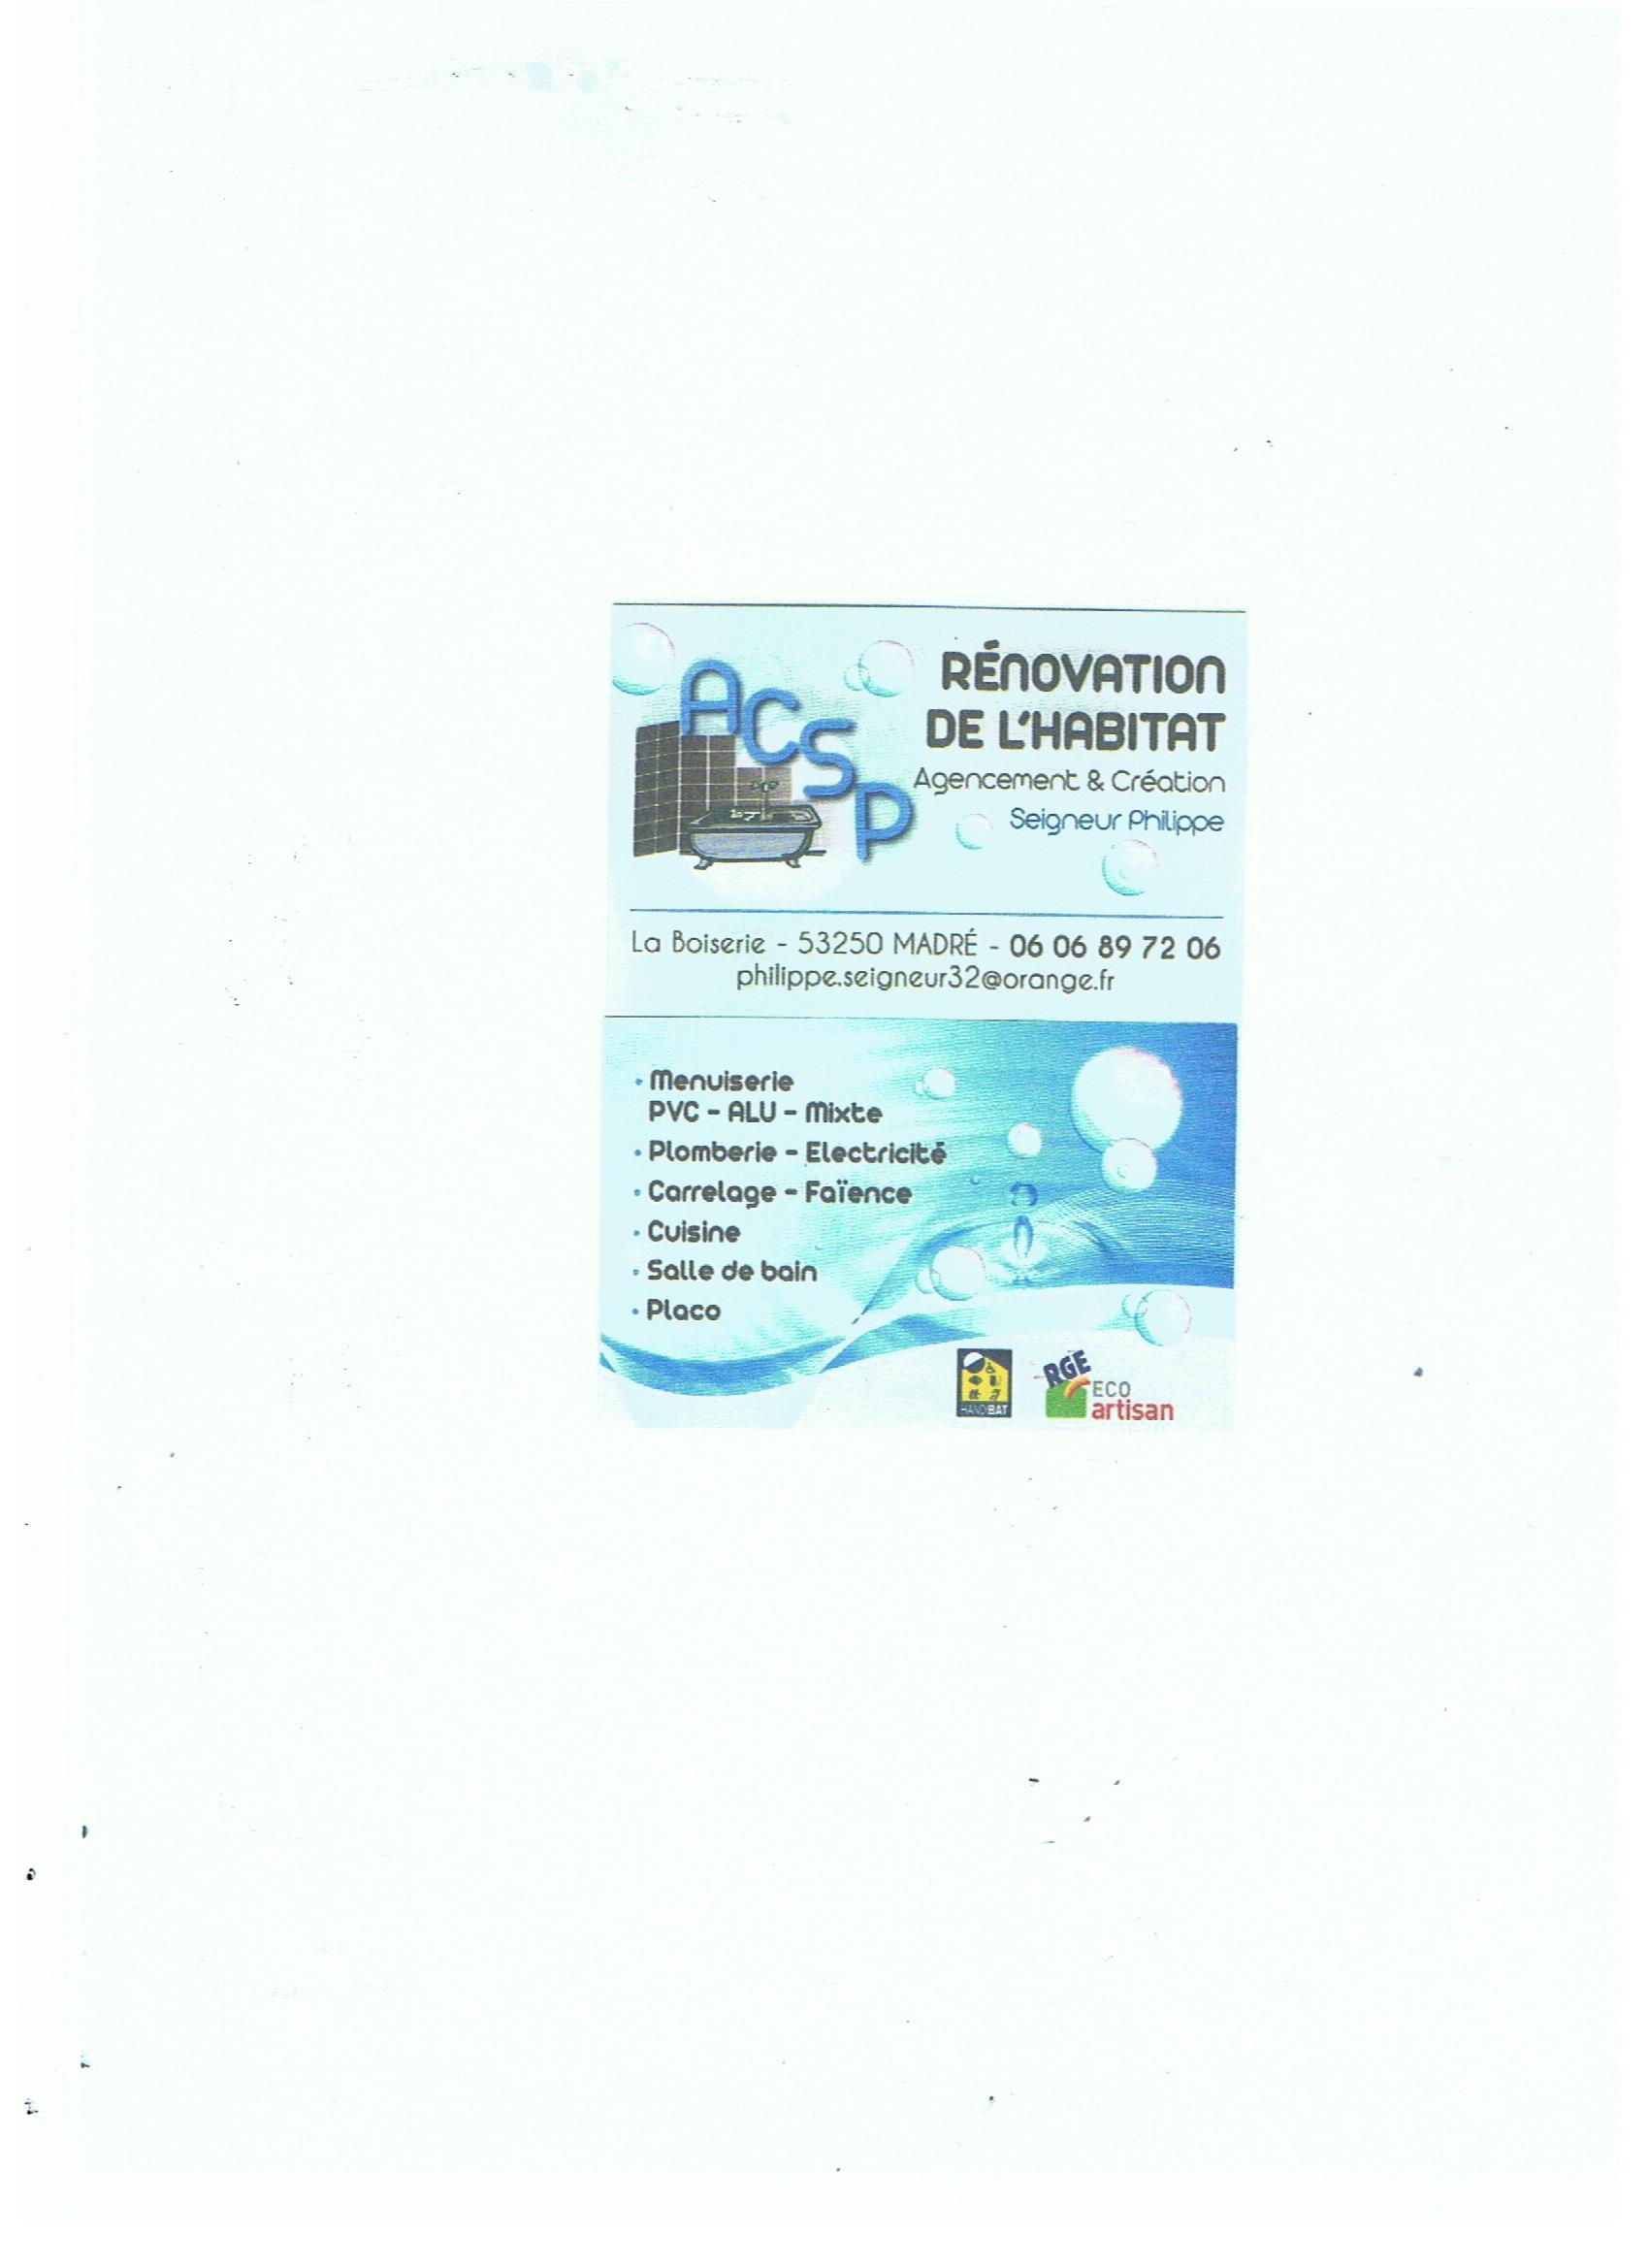 Logo de AGENCEMENT CRÉATION SEIGNEUR, société de travaux en Fourniture et installation de lavabos, baignoires, douches, WC...